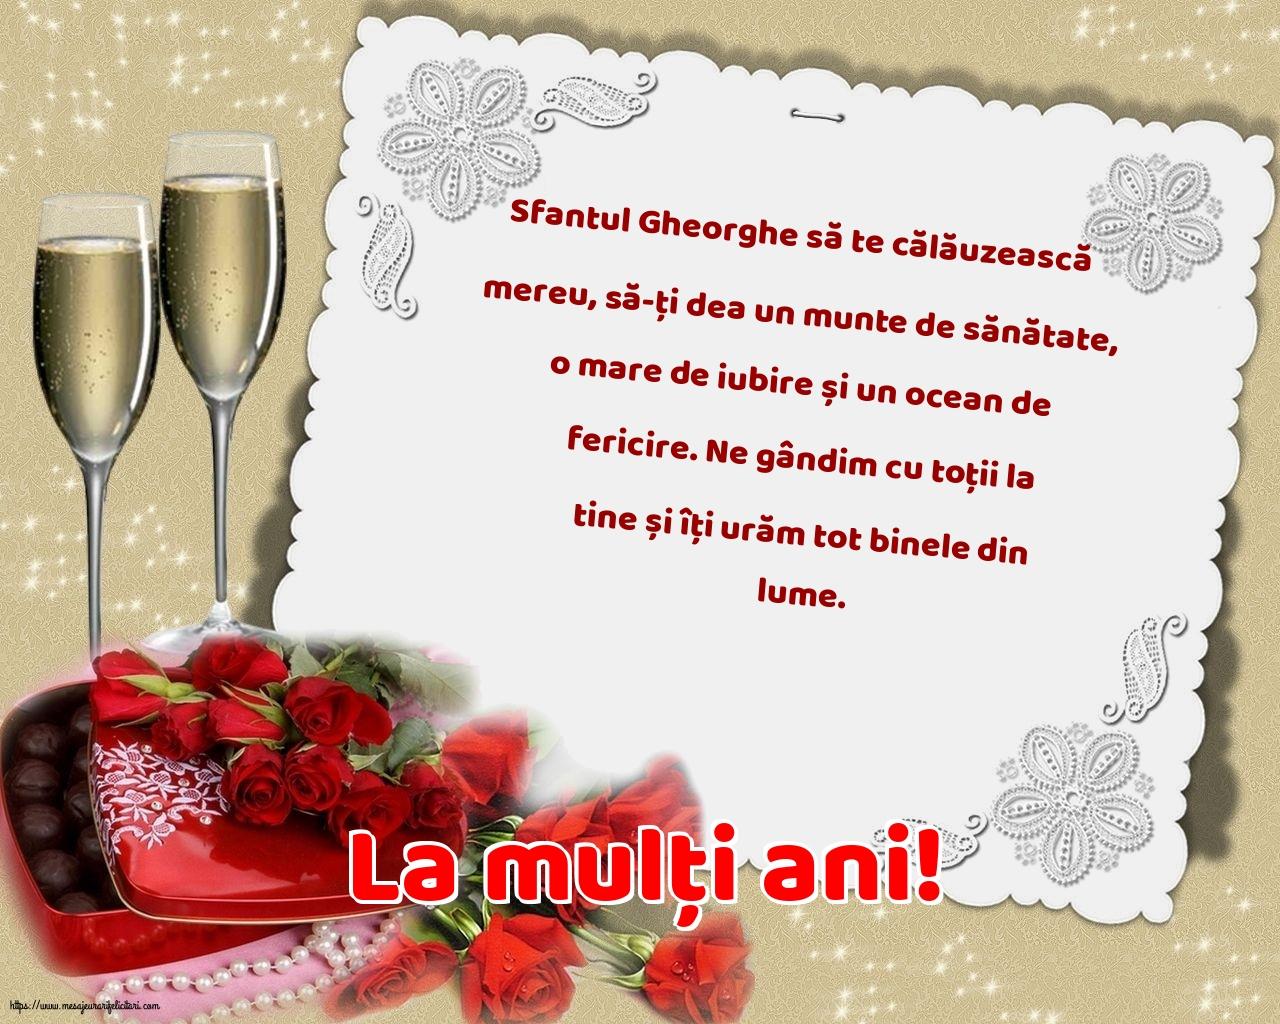 Felicitari de Sfantul Gheorghe cu mesaje - La mulți ani!